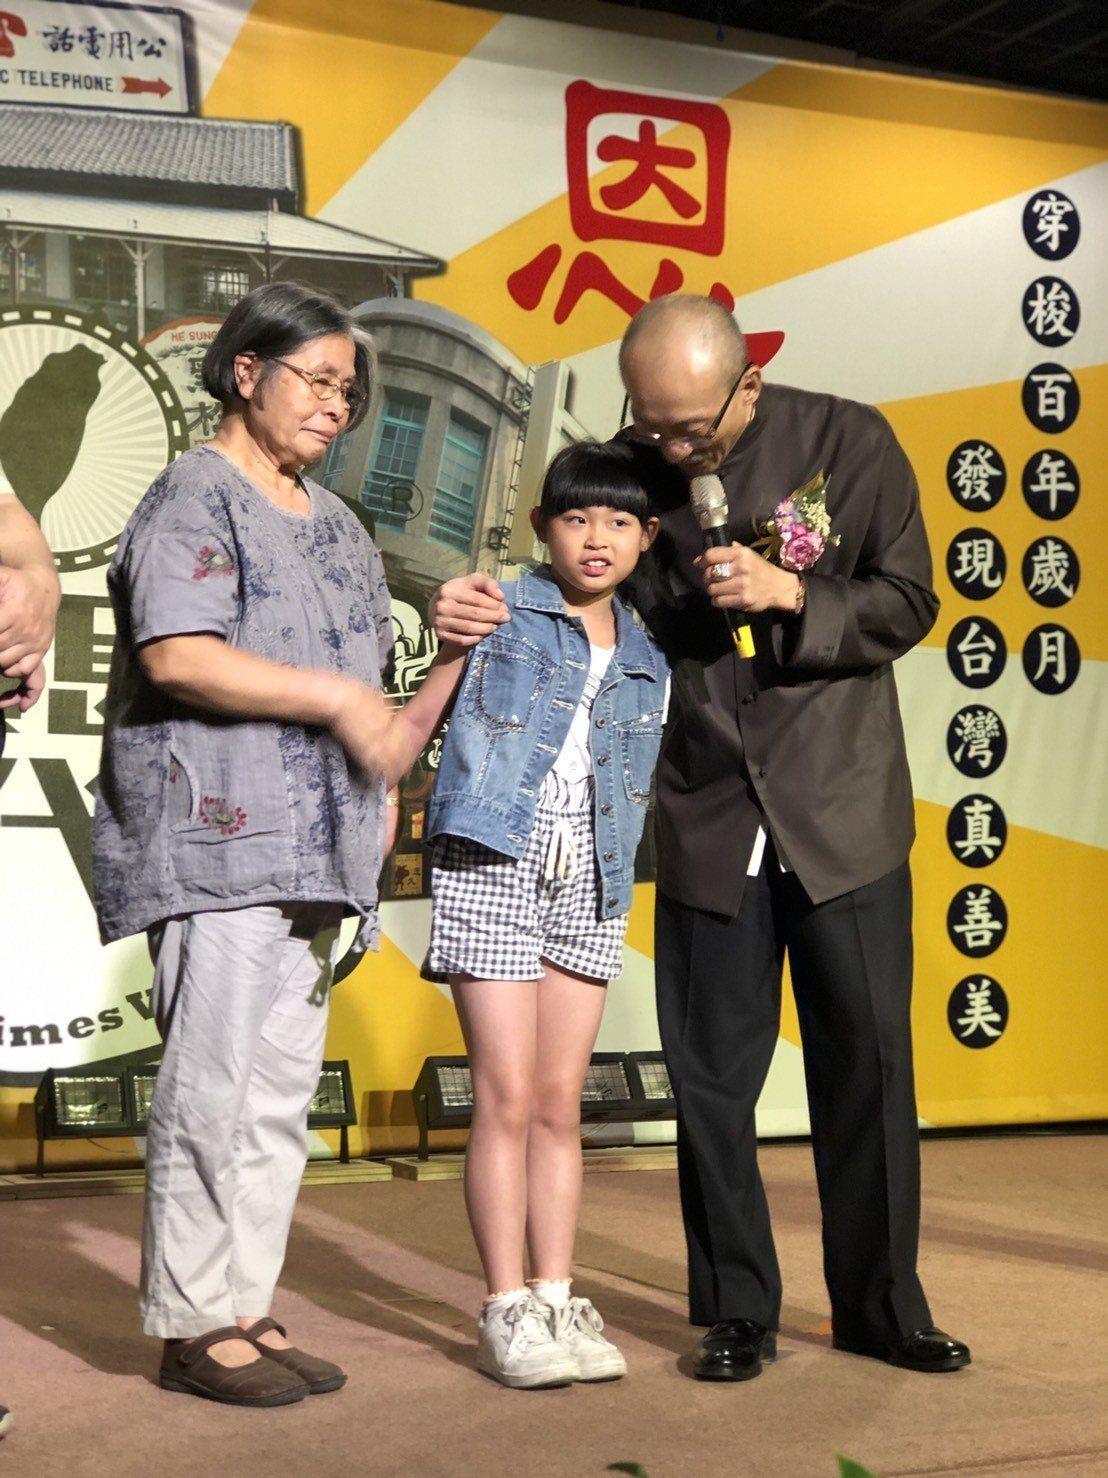 寶島時代村今天重新開幕,江欽良(右)關懷隔代教養的祖孫,但沒有看到小潘潘的身影。...